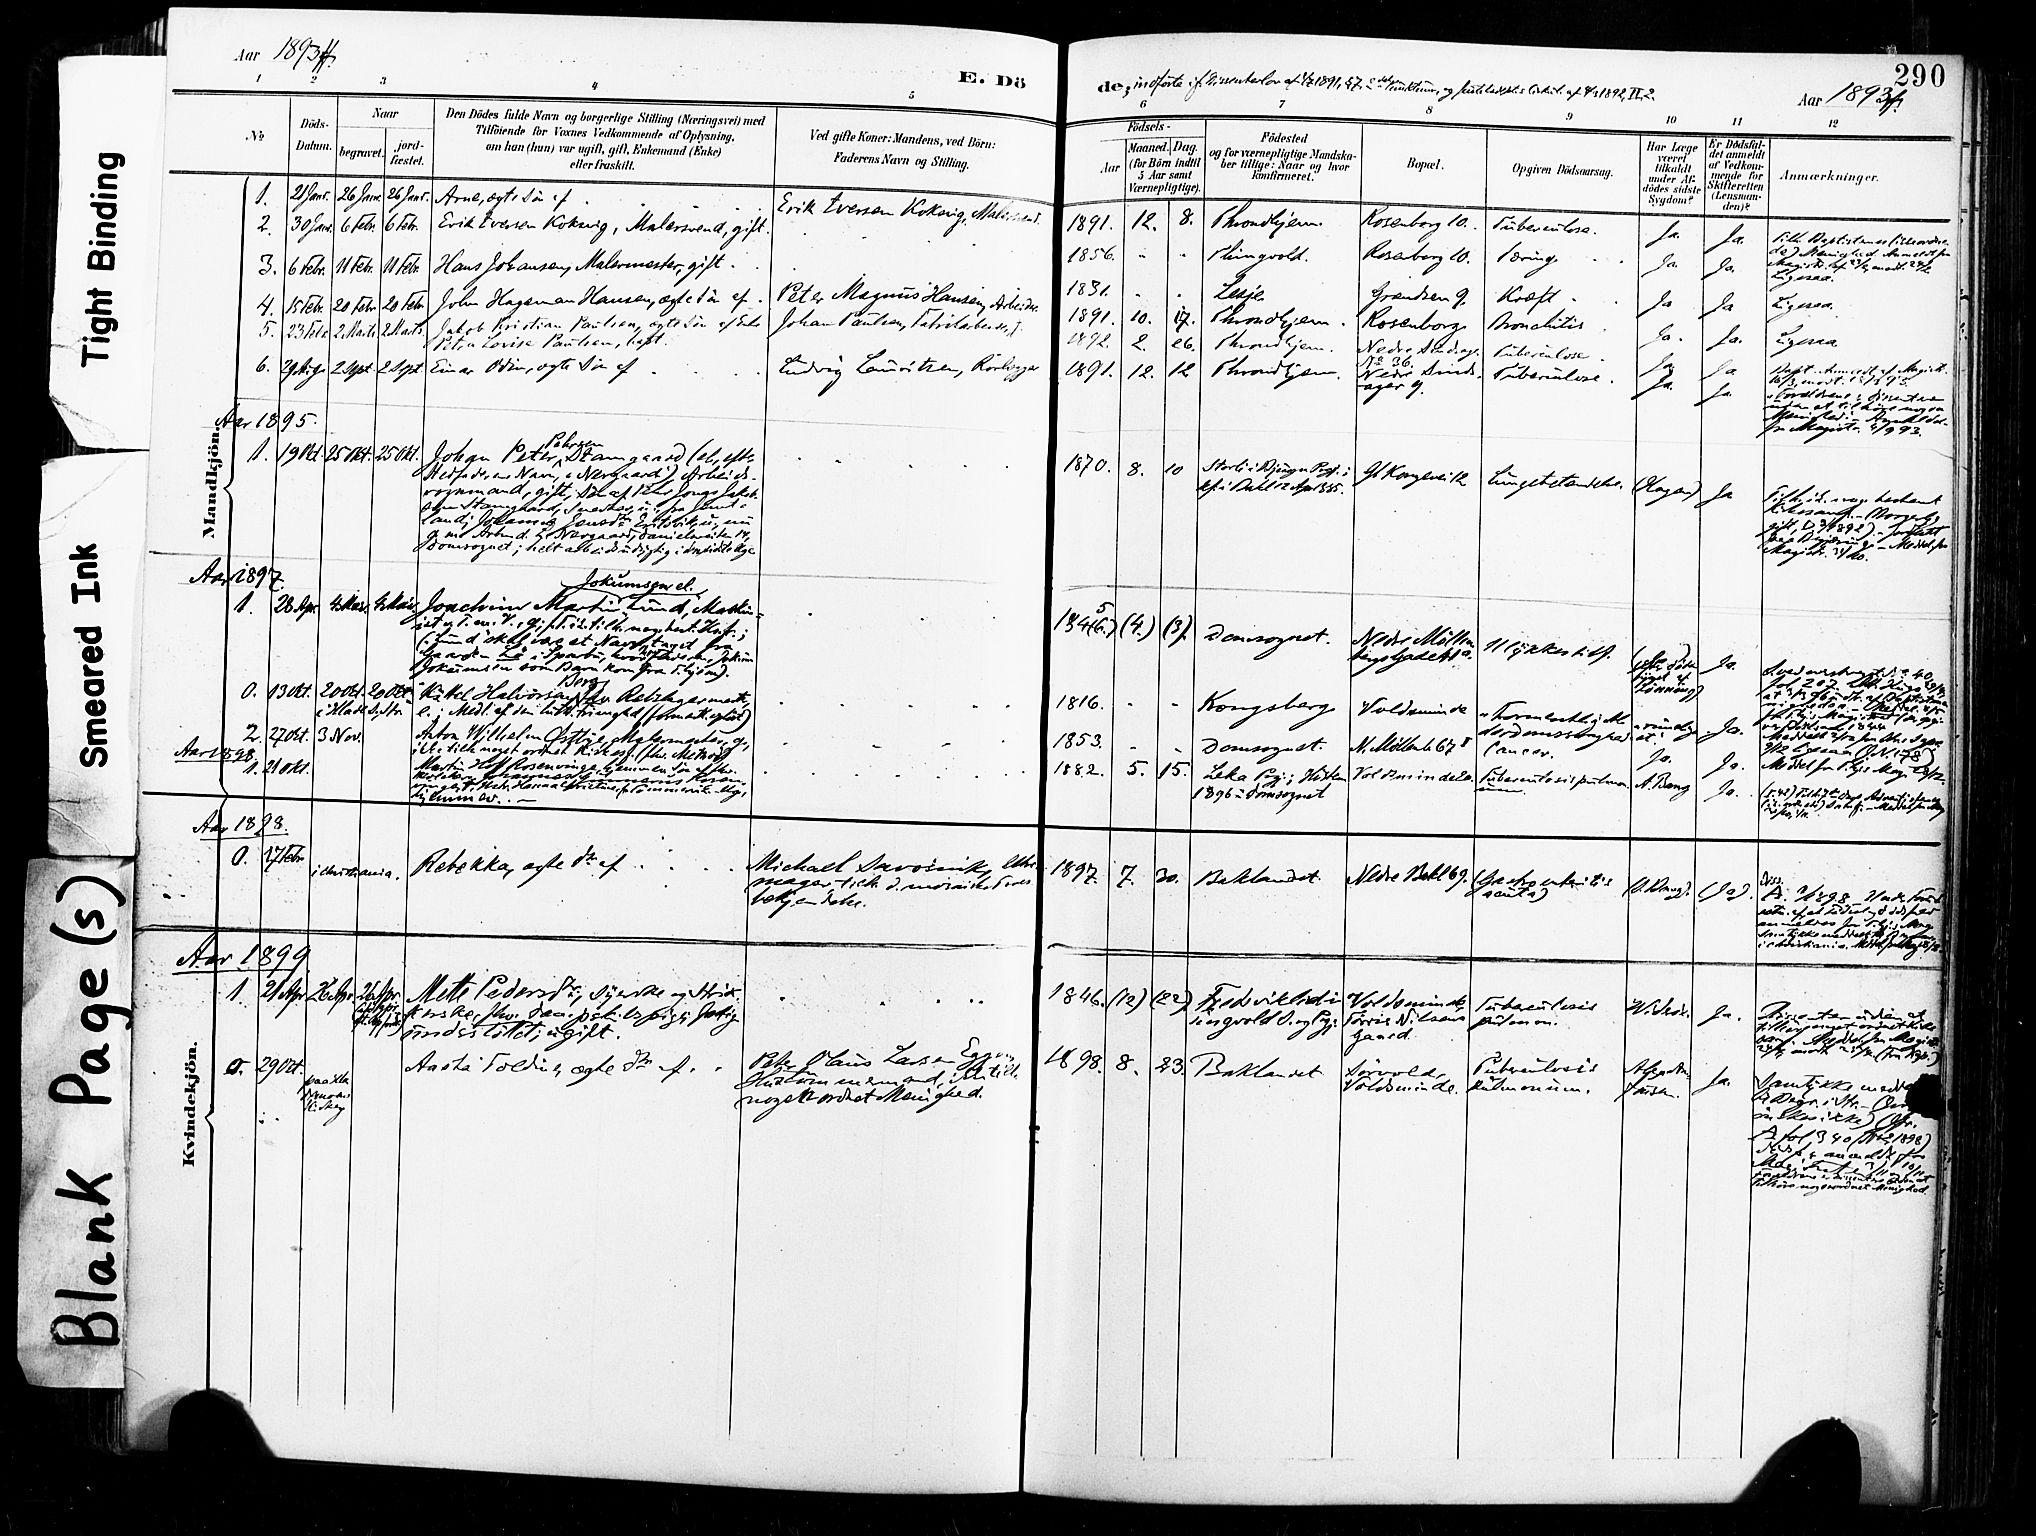 SAT, Ministerialprotokoller, klokkerbøker og fødselsregistre - Sør-Trøndelag, 604/L0198: Ministerialbok nr. 604A19, 1893-1900, s. 290